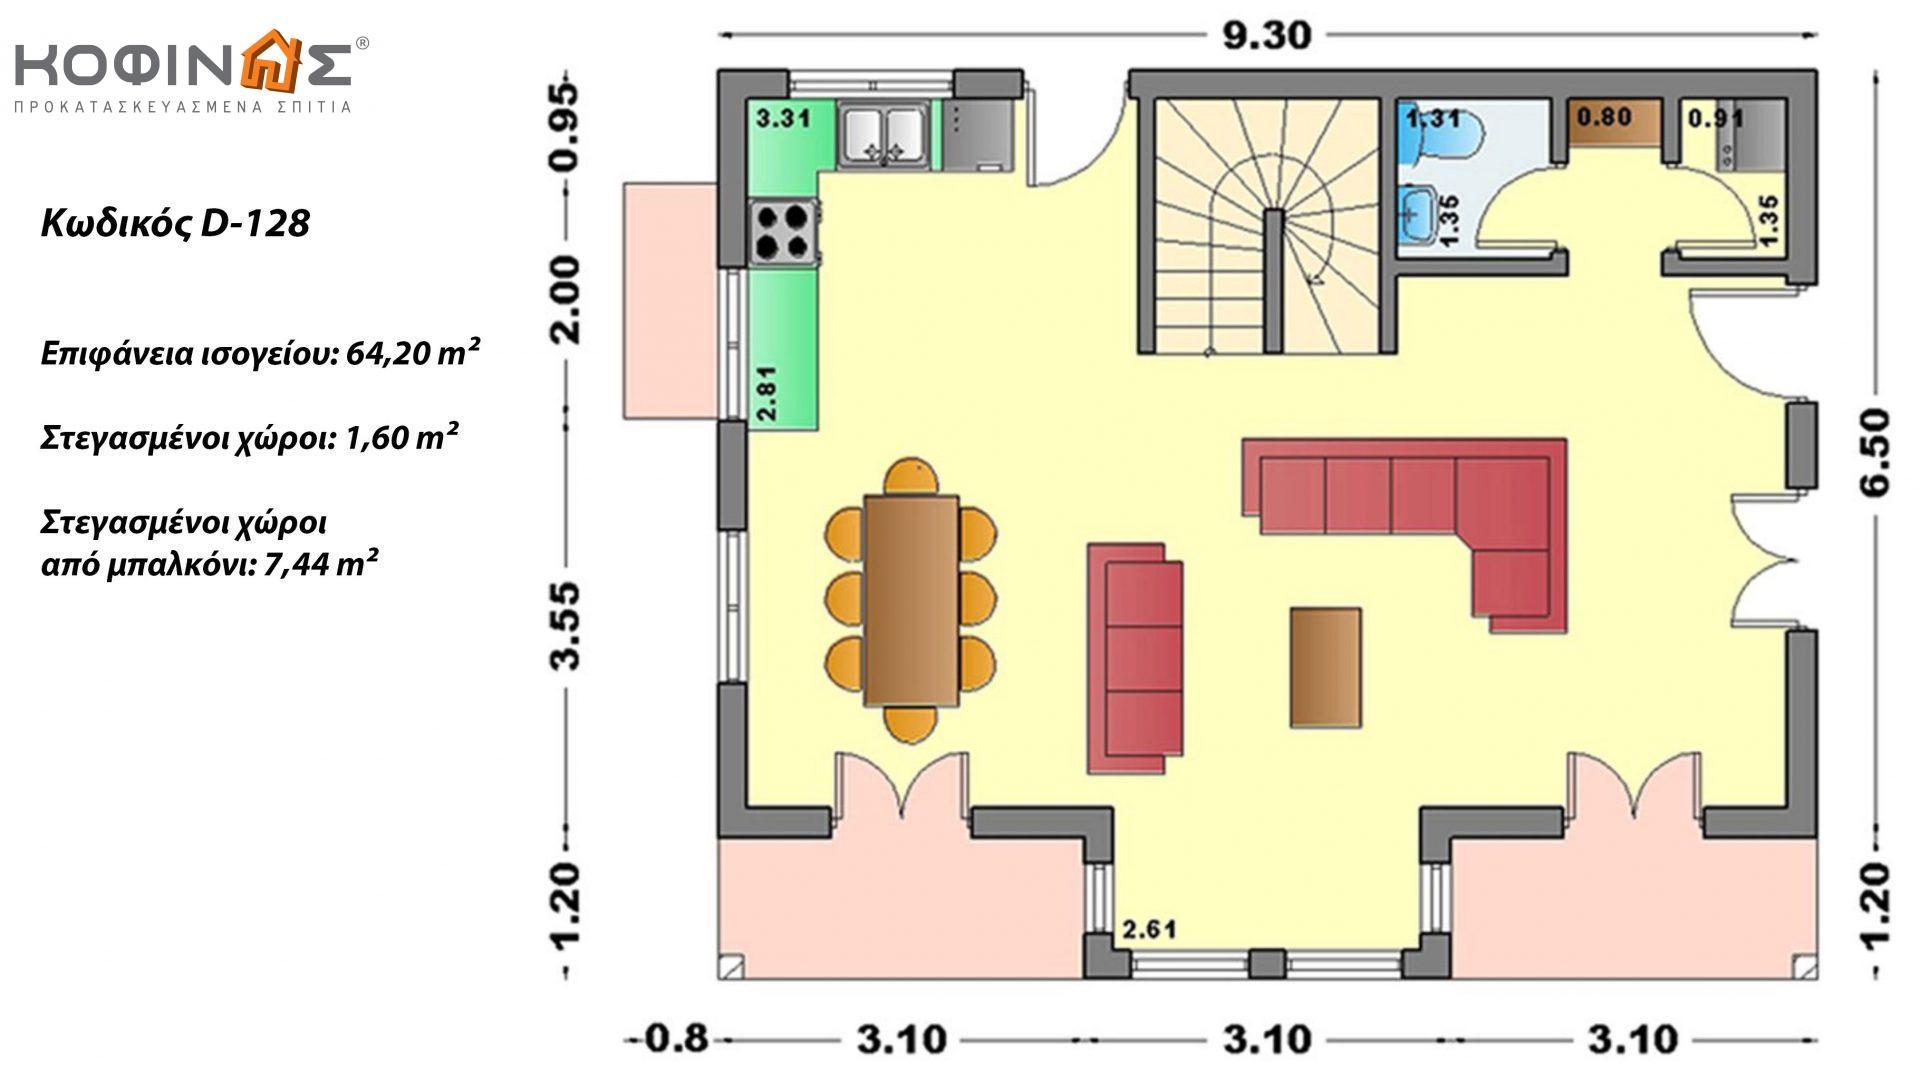 Διώροφη Κατοικία D-128, συνολικής επιφάνειας 128,40 τ.μ., συνολική επιφάνεια στεγασμένων χώρων 16.48 τ.μ., μπαλκόνια 7.44 τ.μ.